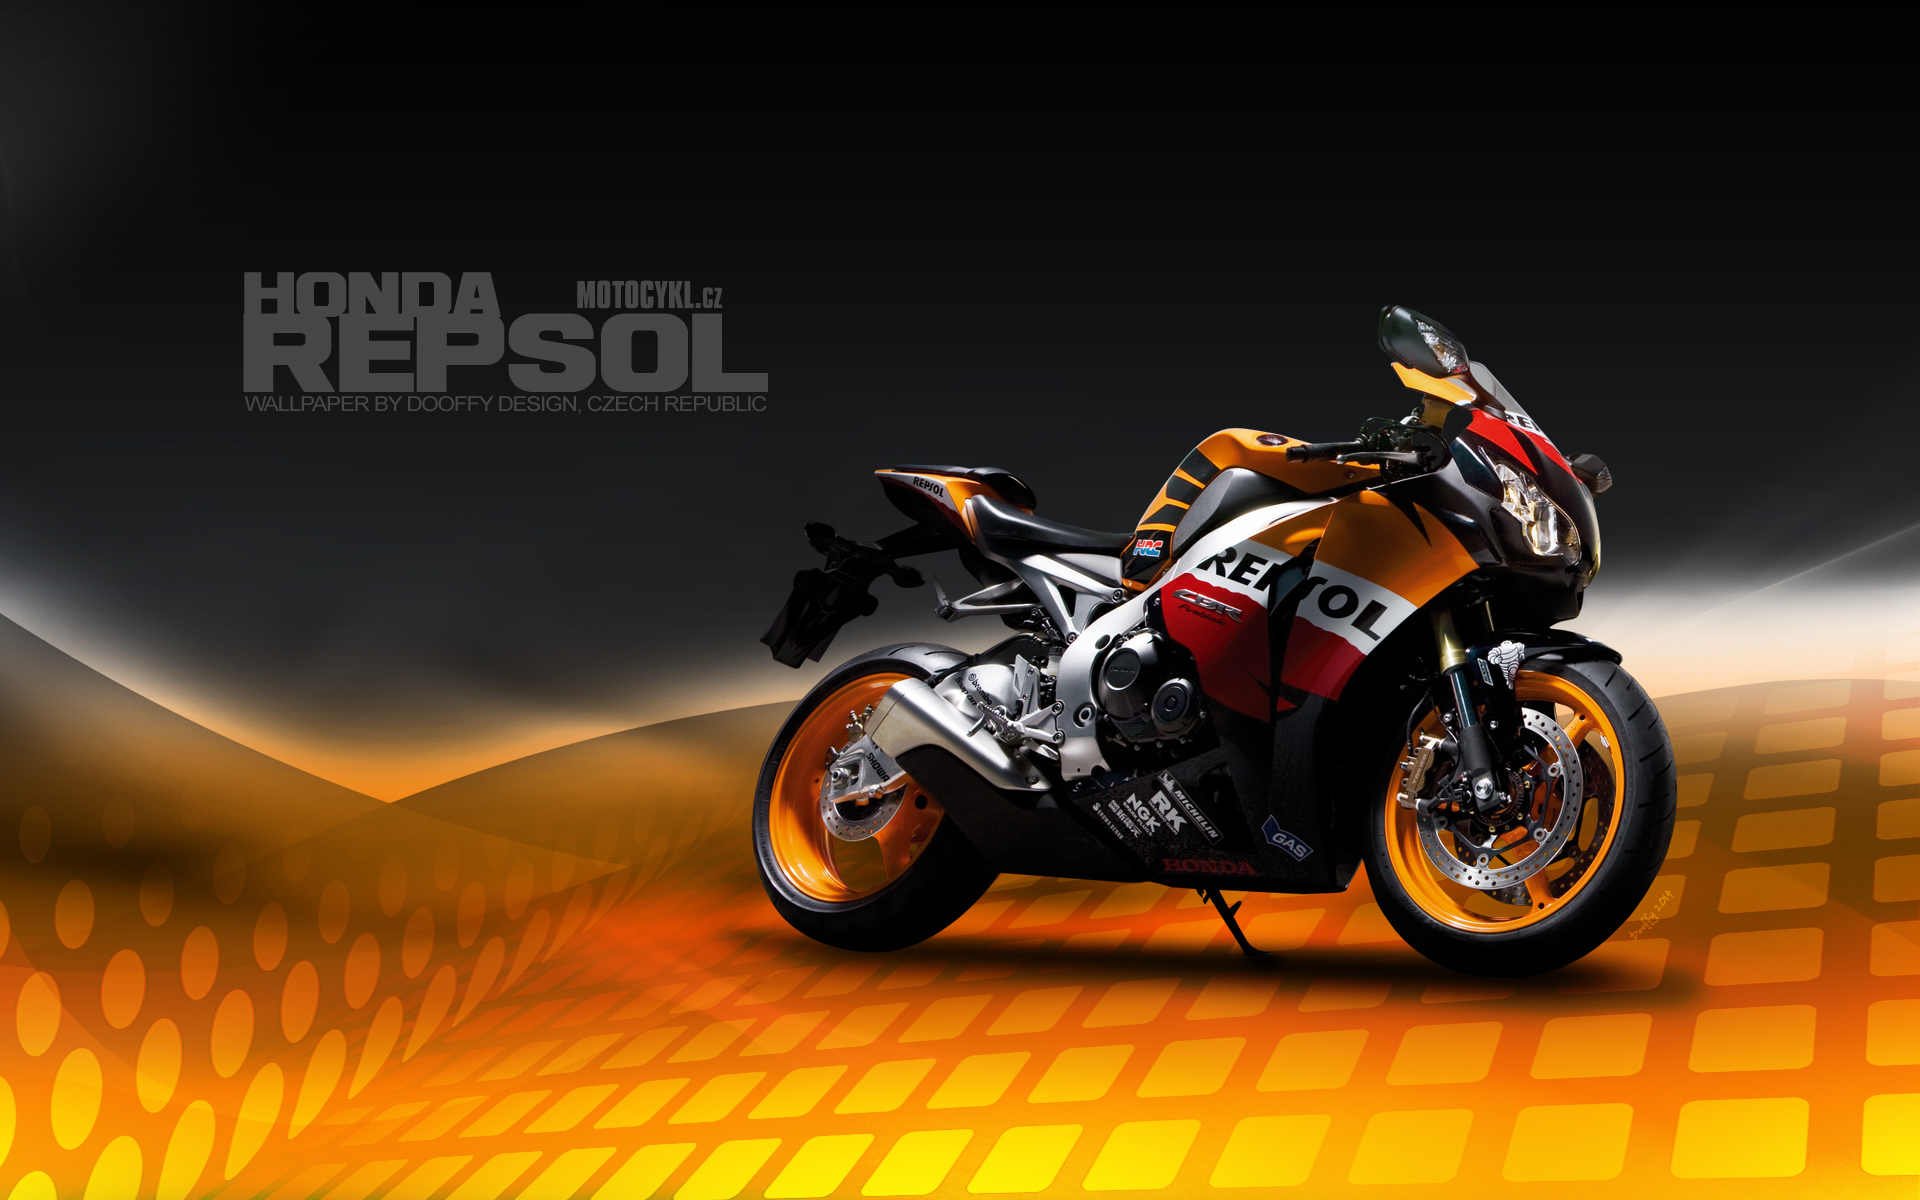 Honda cbr1000rr wallpaper hd